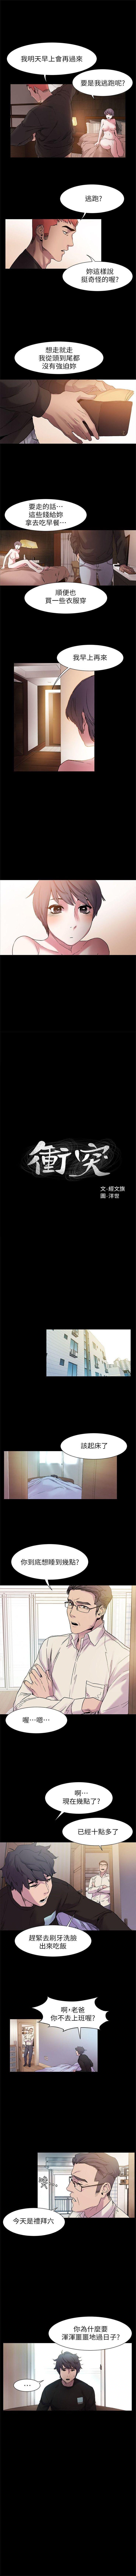 (週5)衝突 1-94 中文翻譯 (更新中) 70